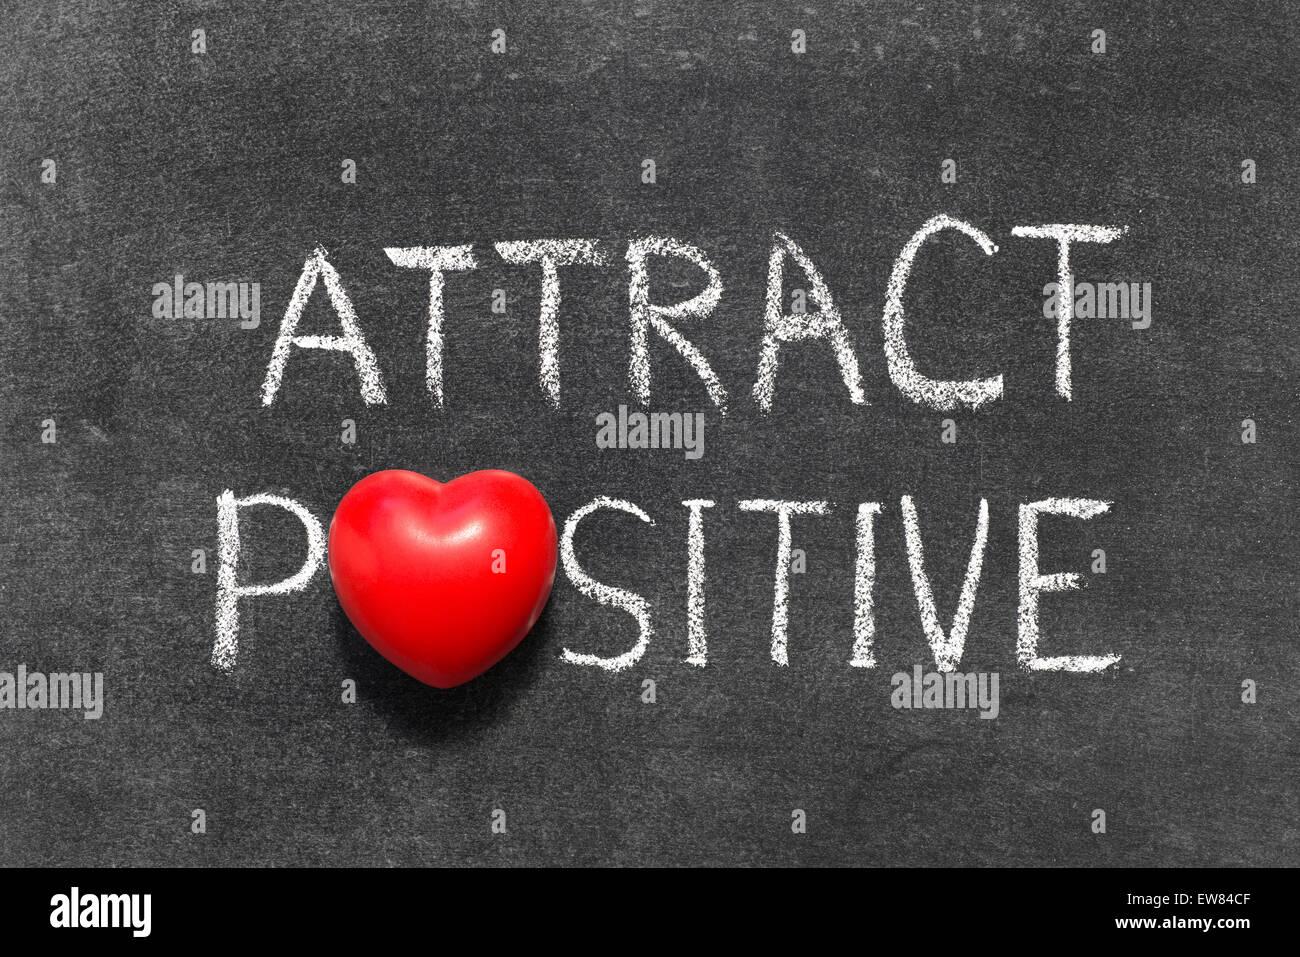 Attract positive phrase handwritten on blackboard with heart attract positive phrase handwritten on blackboard with heart symbol instead of o biocorpaavc